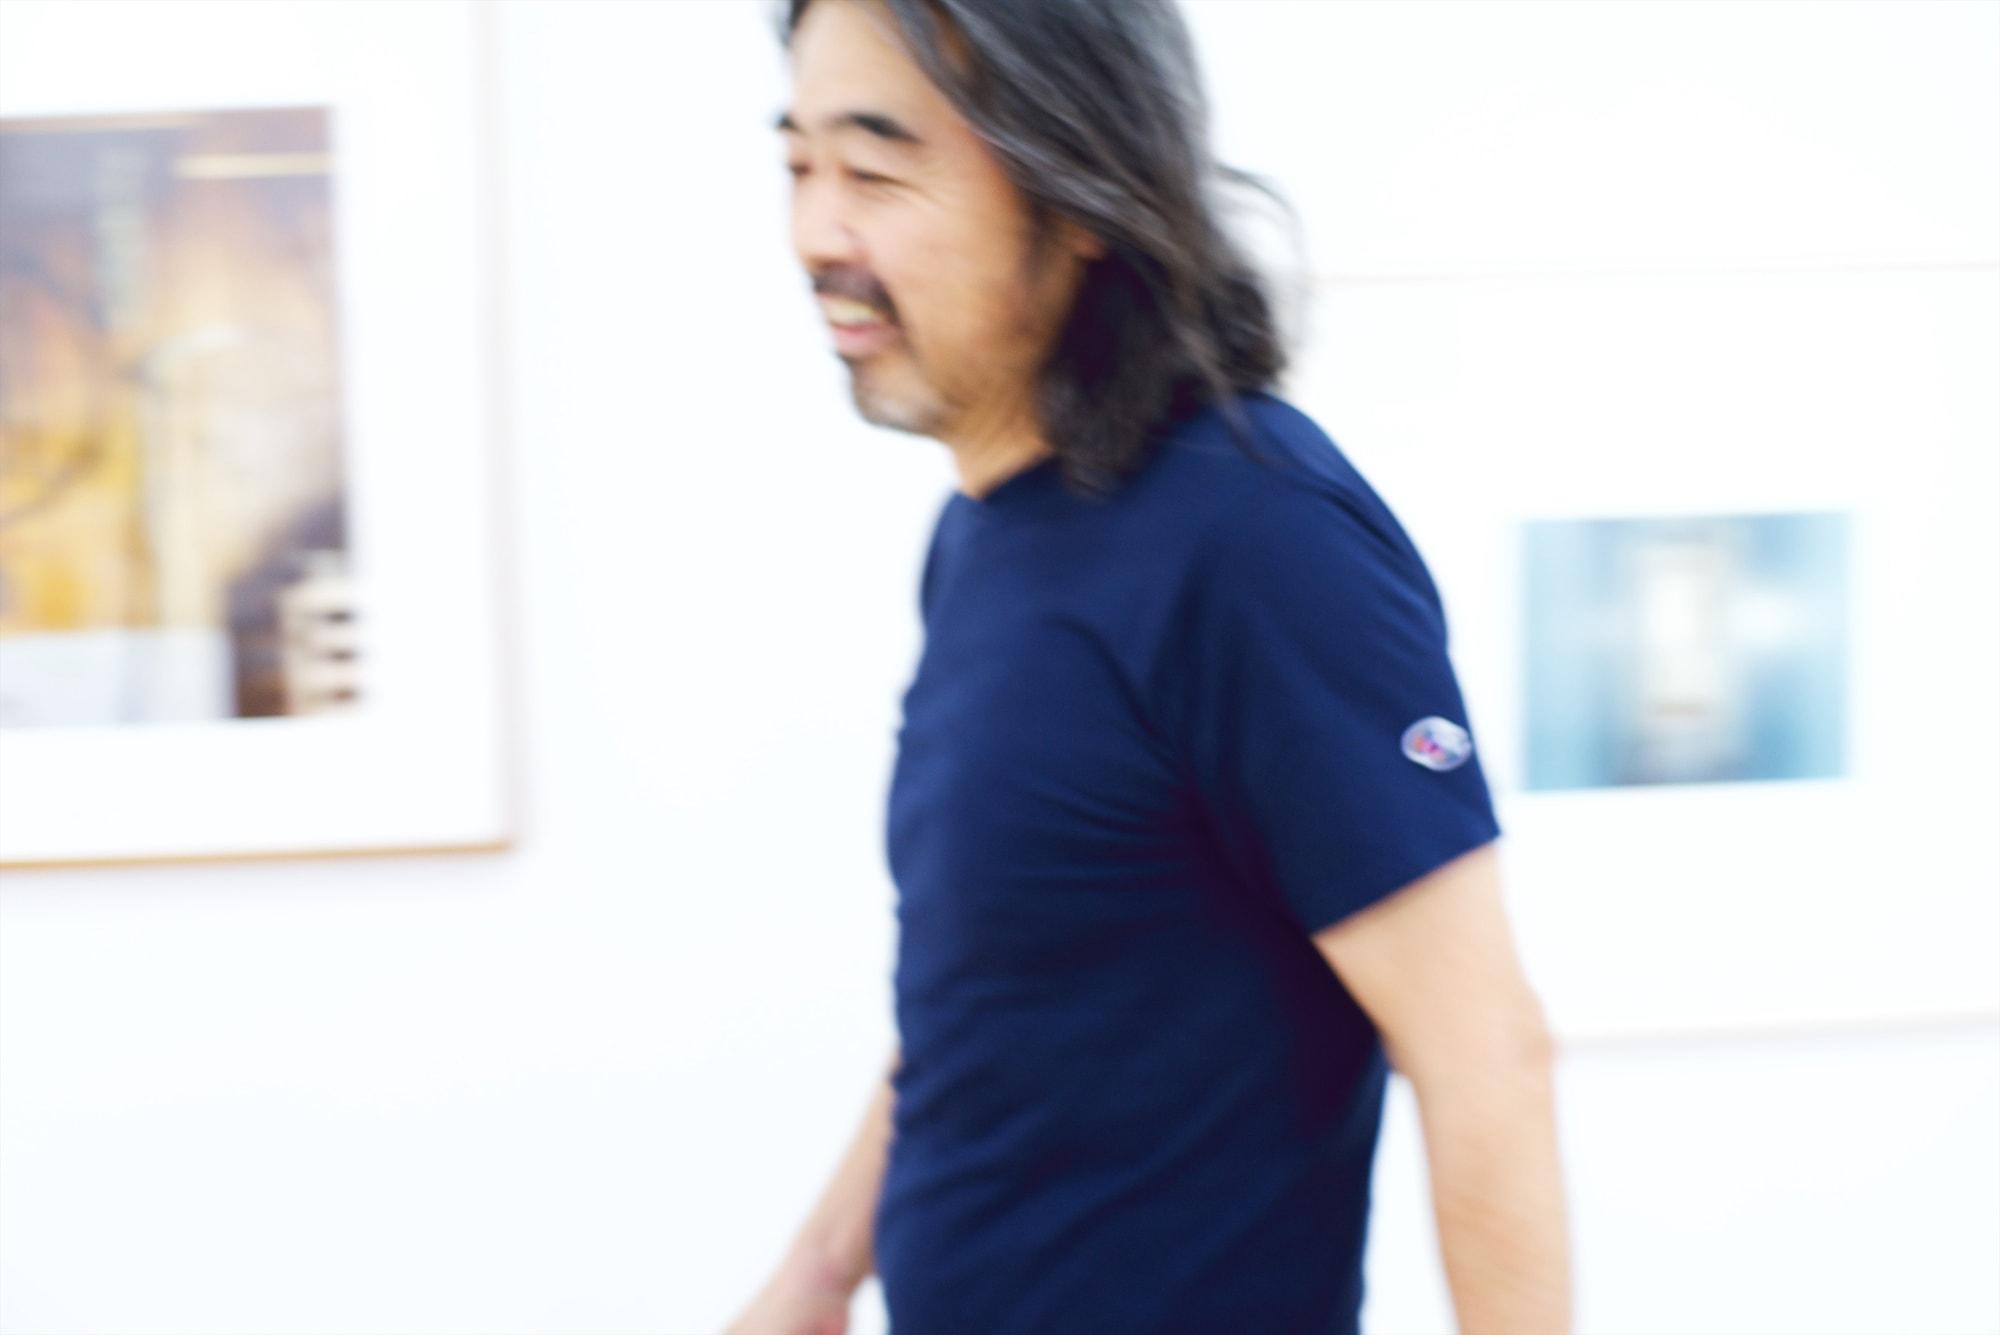 髙橋恭司インタヴュー「世界の終わりを続ける、物語が切断された写真」 | 髙橋恭司インタヴュー「世界の終わりを続ける、物語が切断された写真」